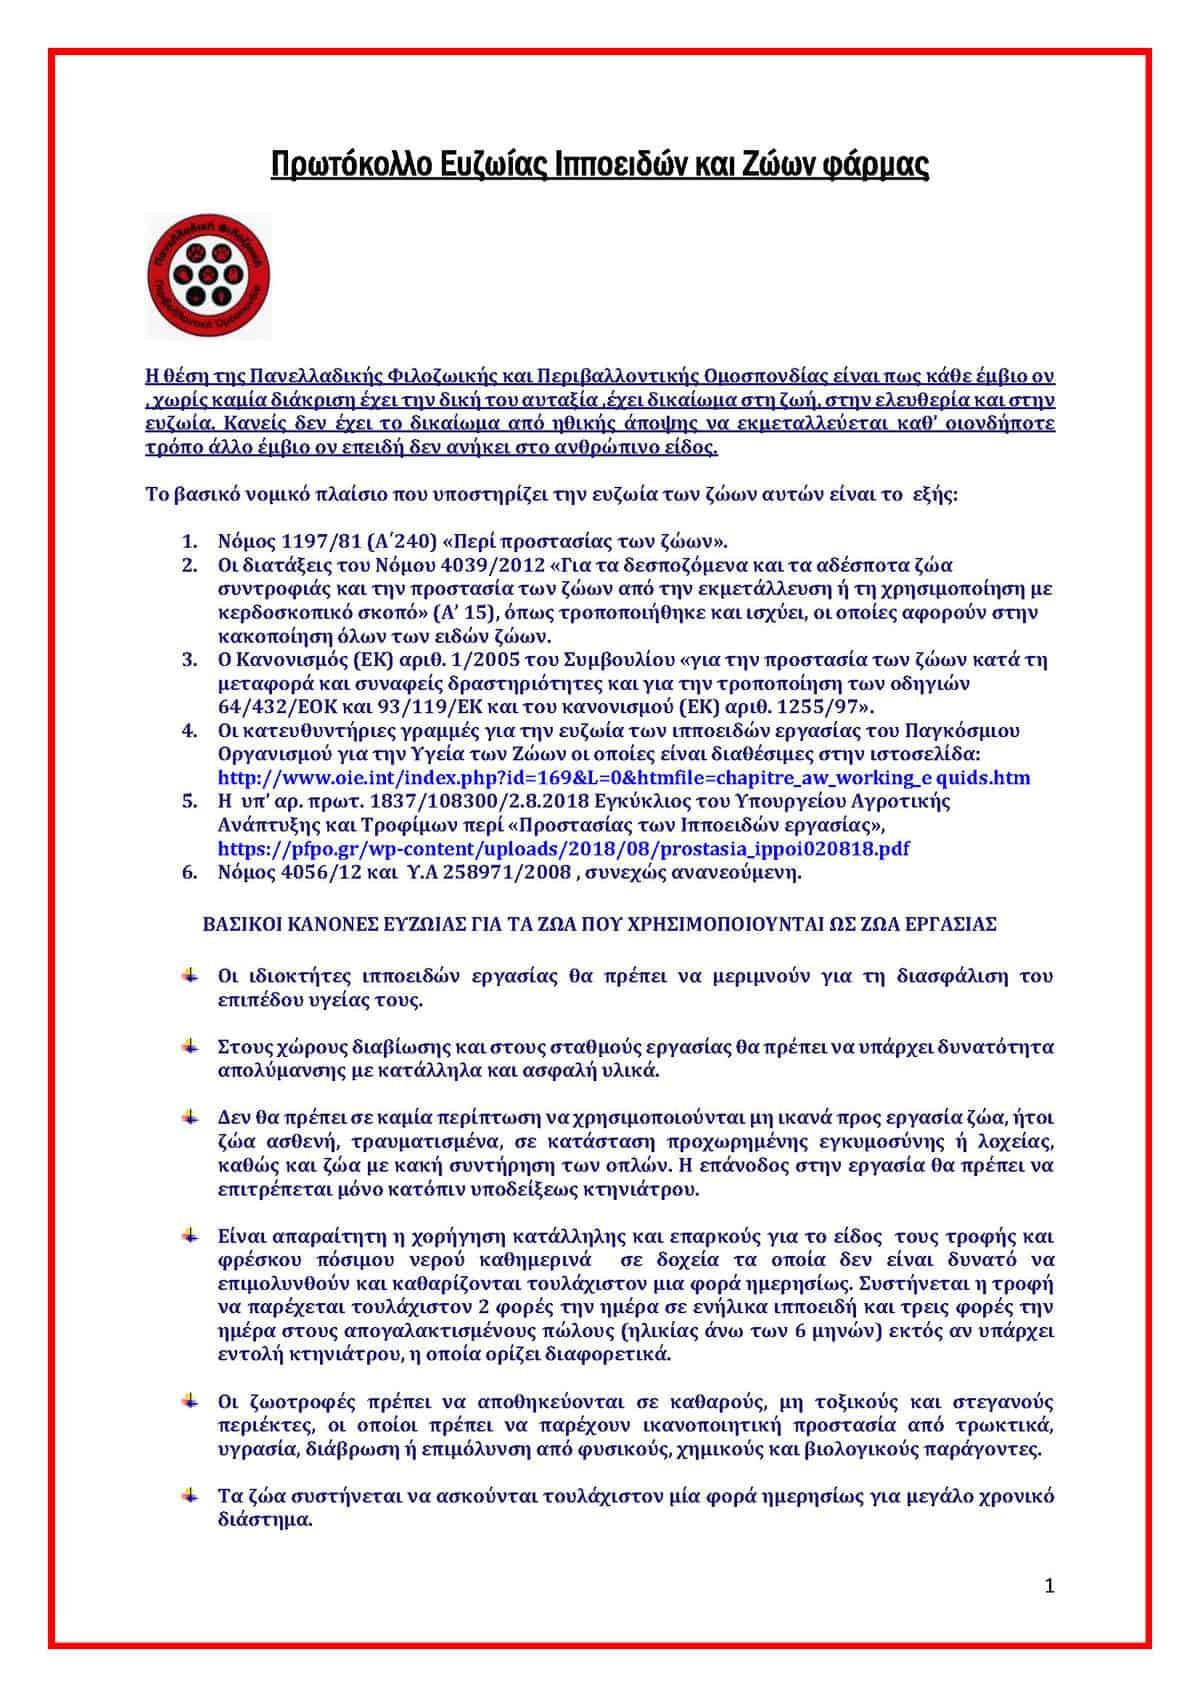 Πρωτόκολλο Ευζωίας Ιπποειδών και Ζώων φάρμας / Protocol on Animal Welfare of Equines and Farm Animals